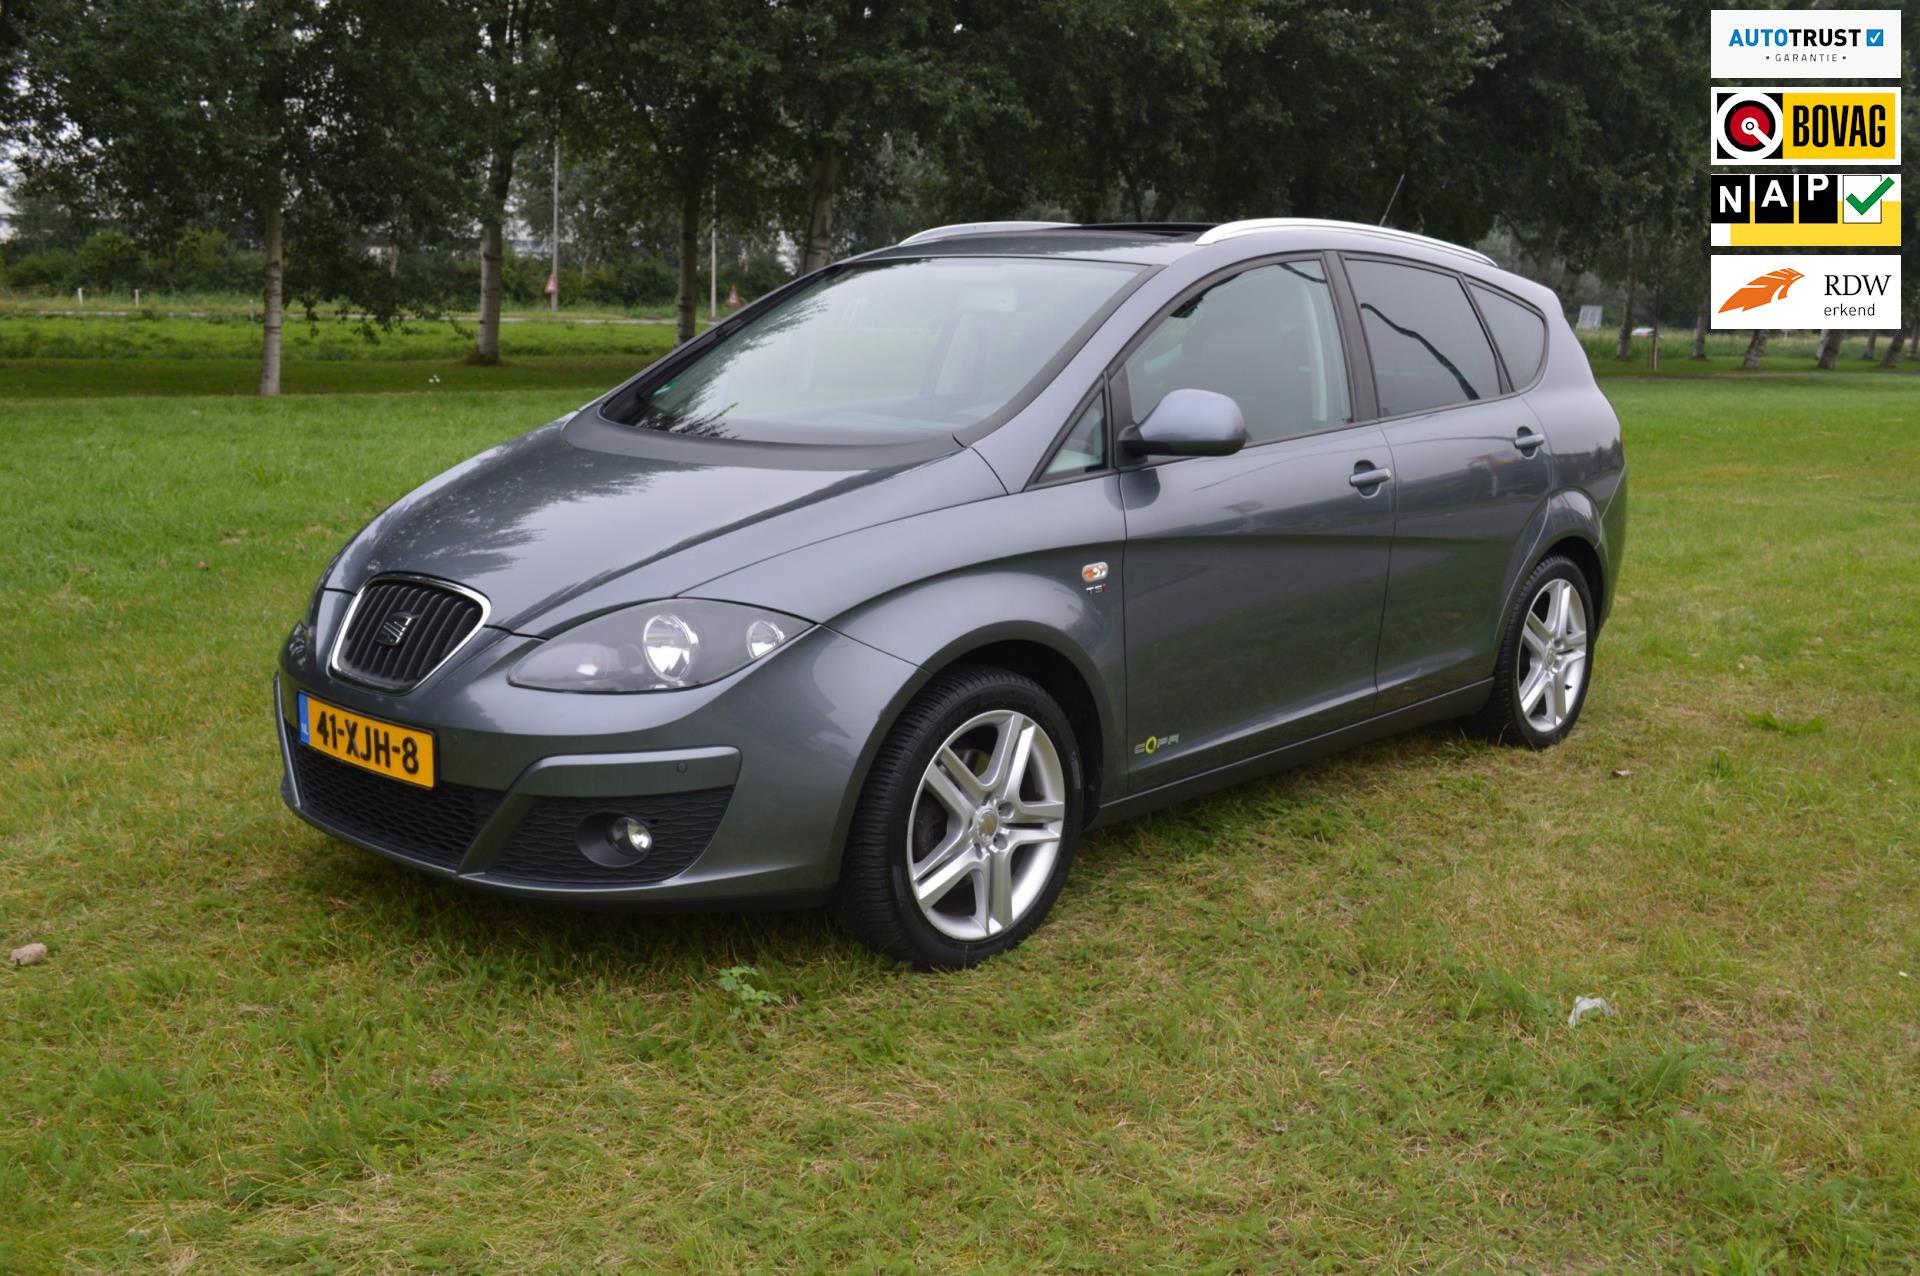 Seat Altea XL occasion - New Occasions Almere Buiten